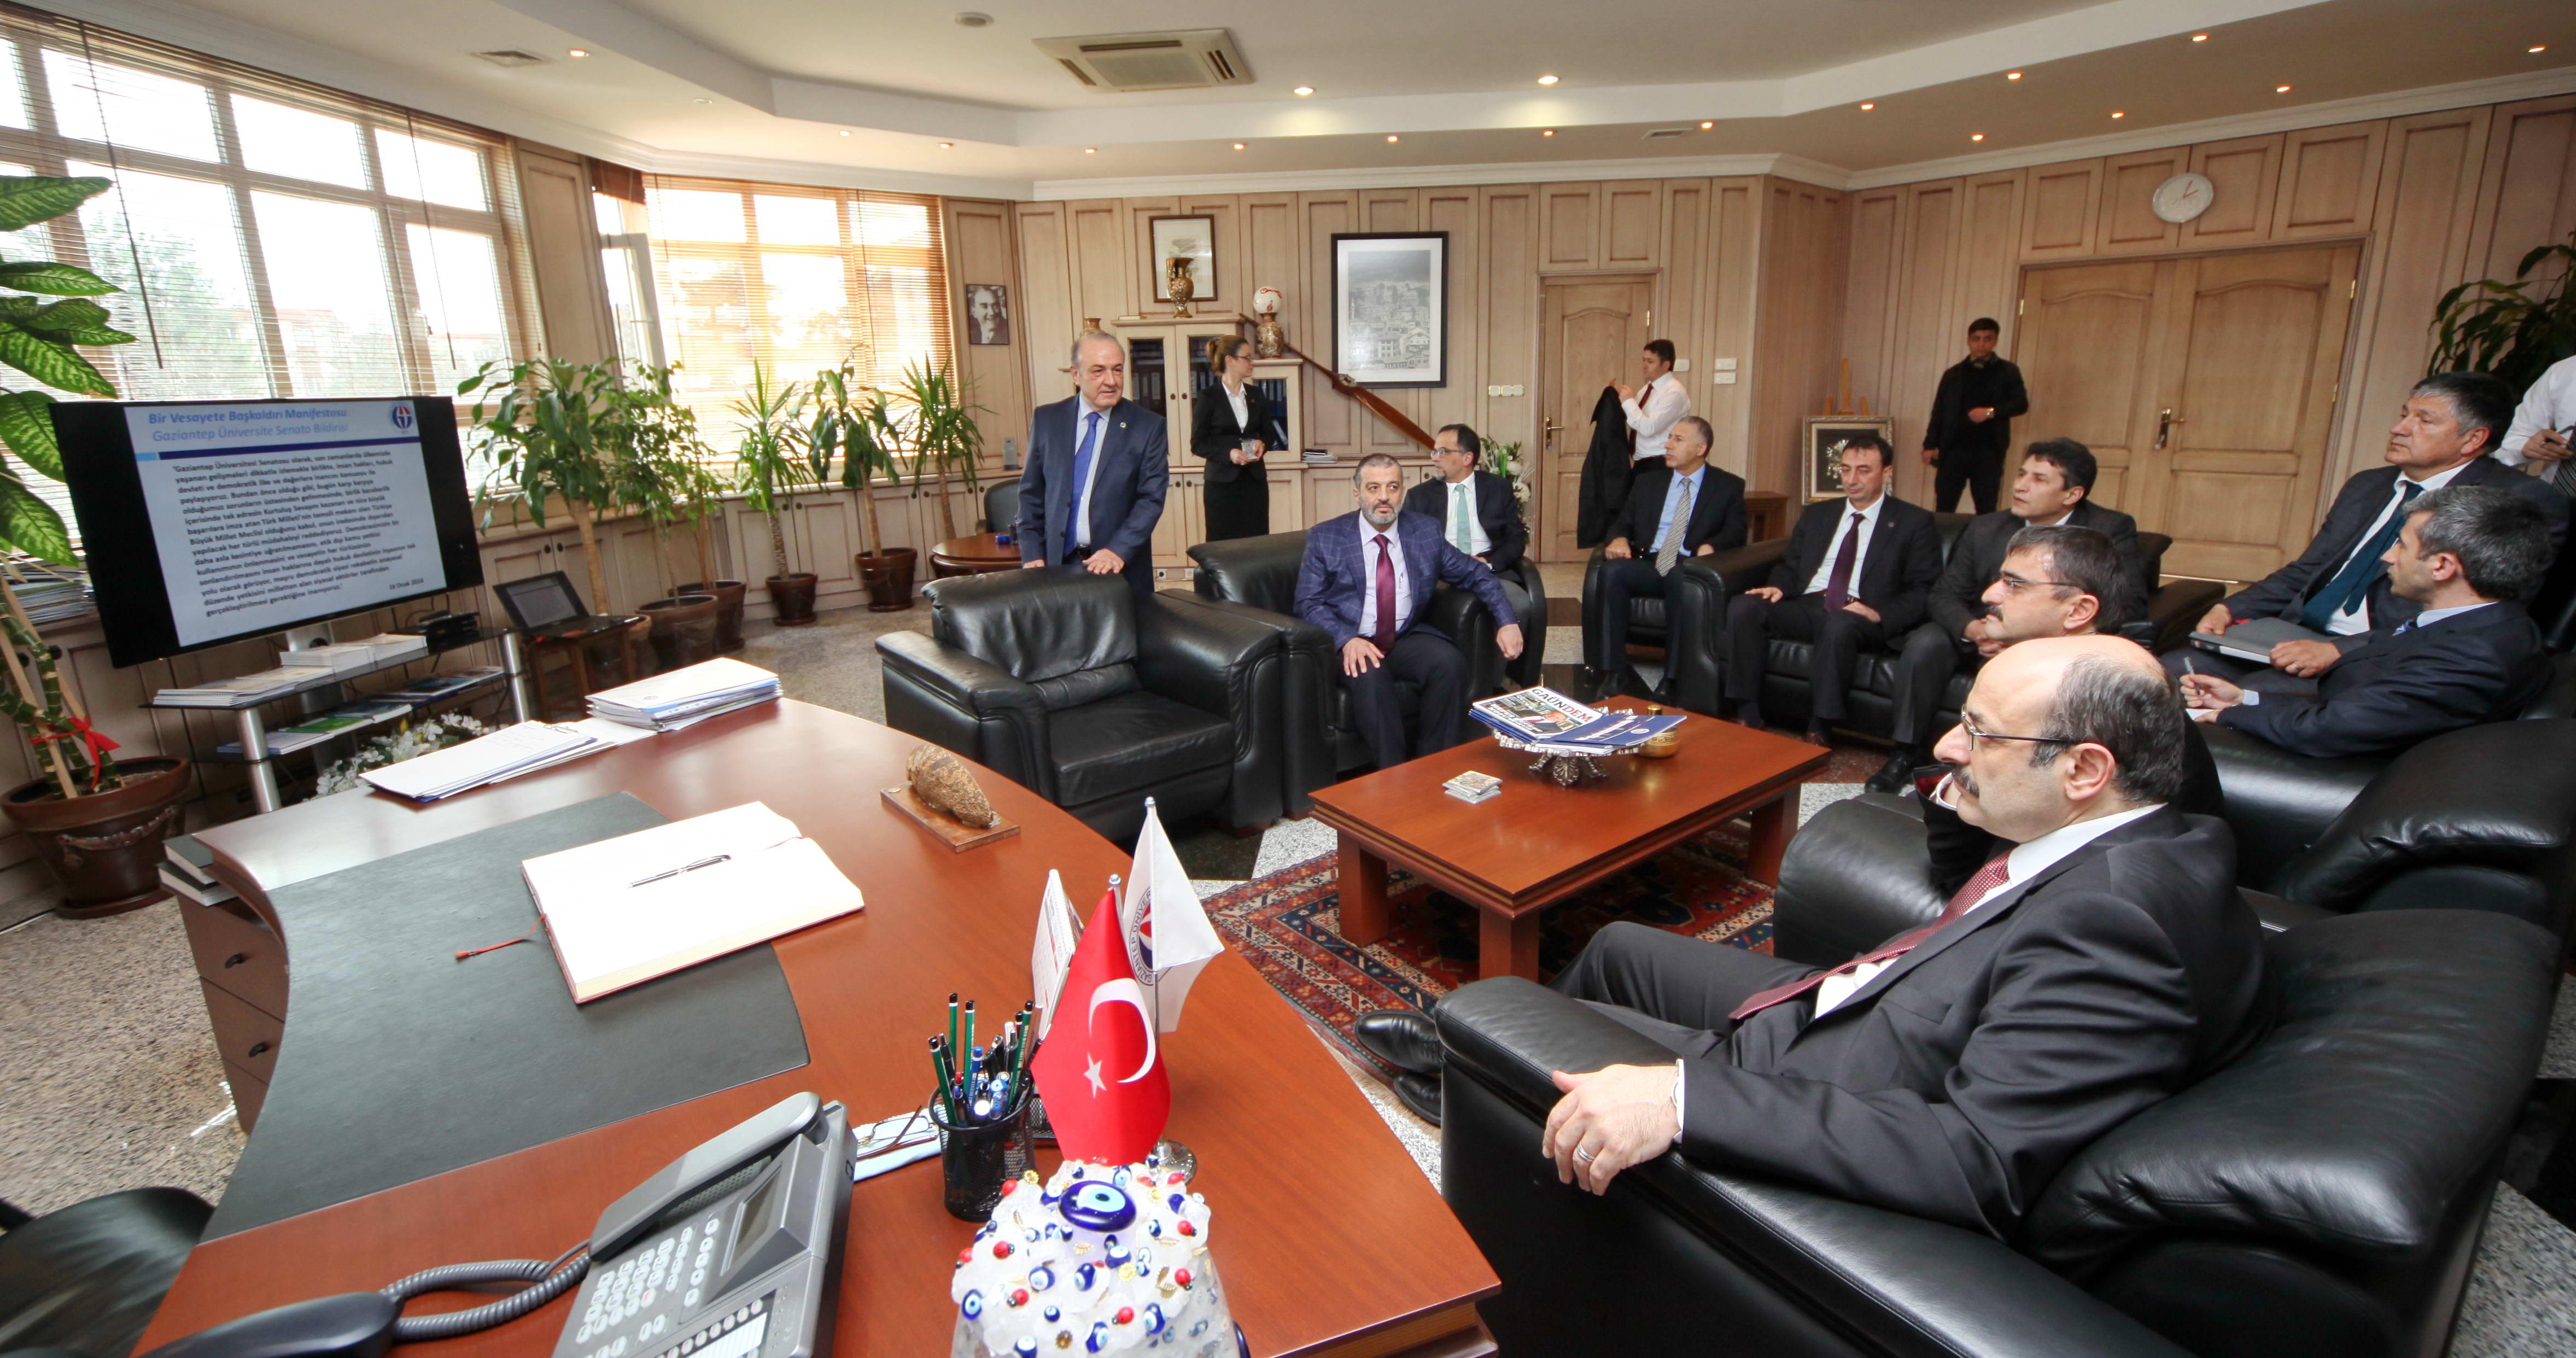 YÖK Başkanı Saraç Gaziantep Üniversitesi Türkiye'nin tarihi sorumluluğunu ifa etmede büyük bir misyon üstlendi (1)